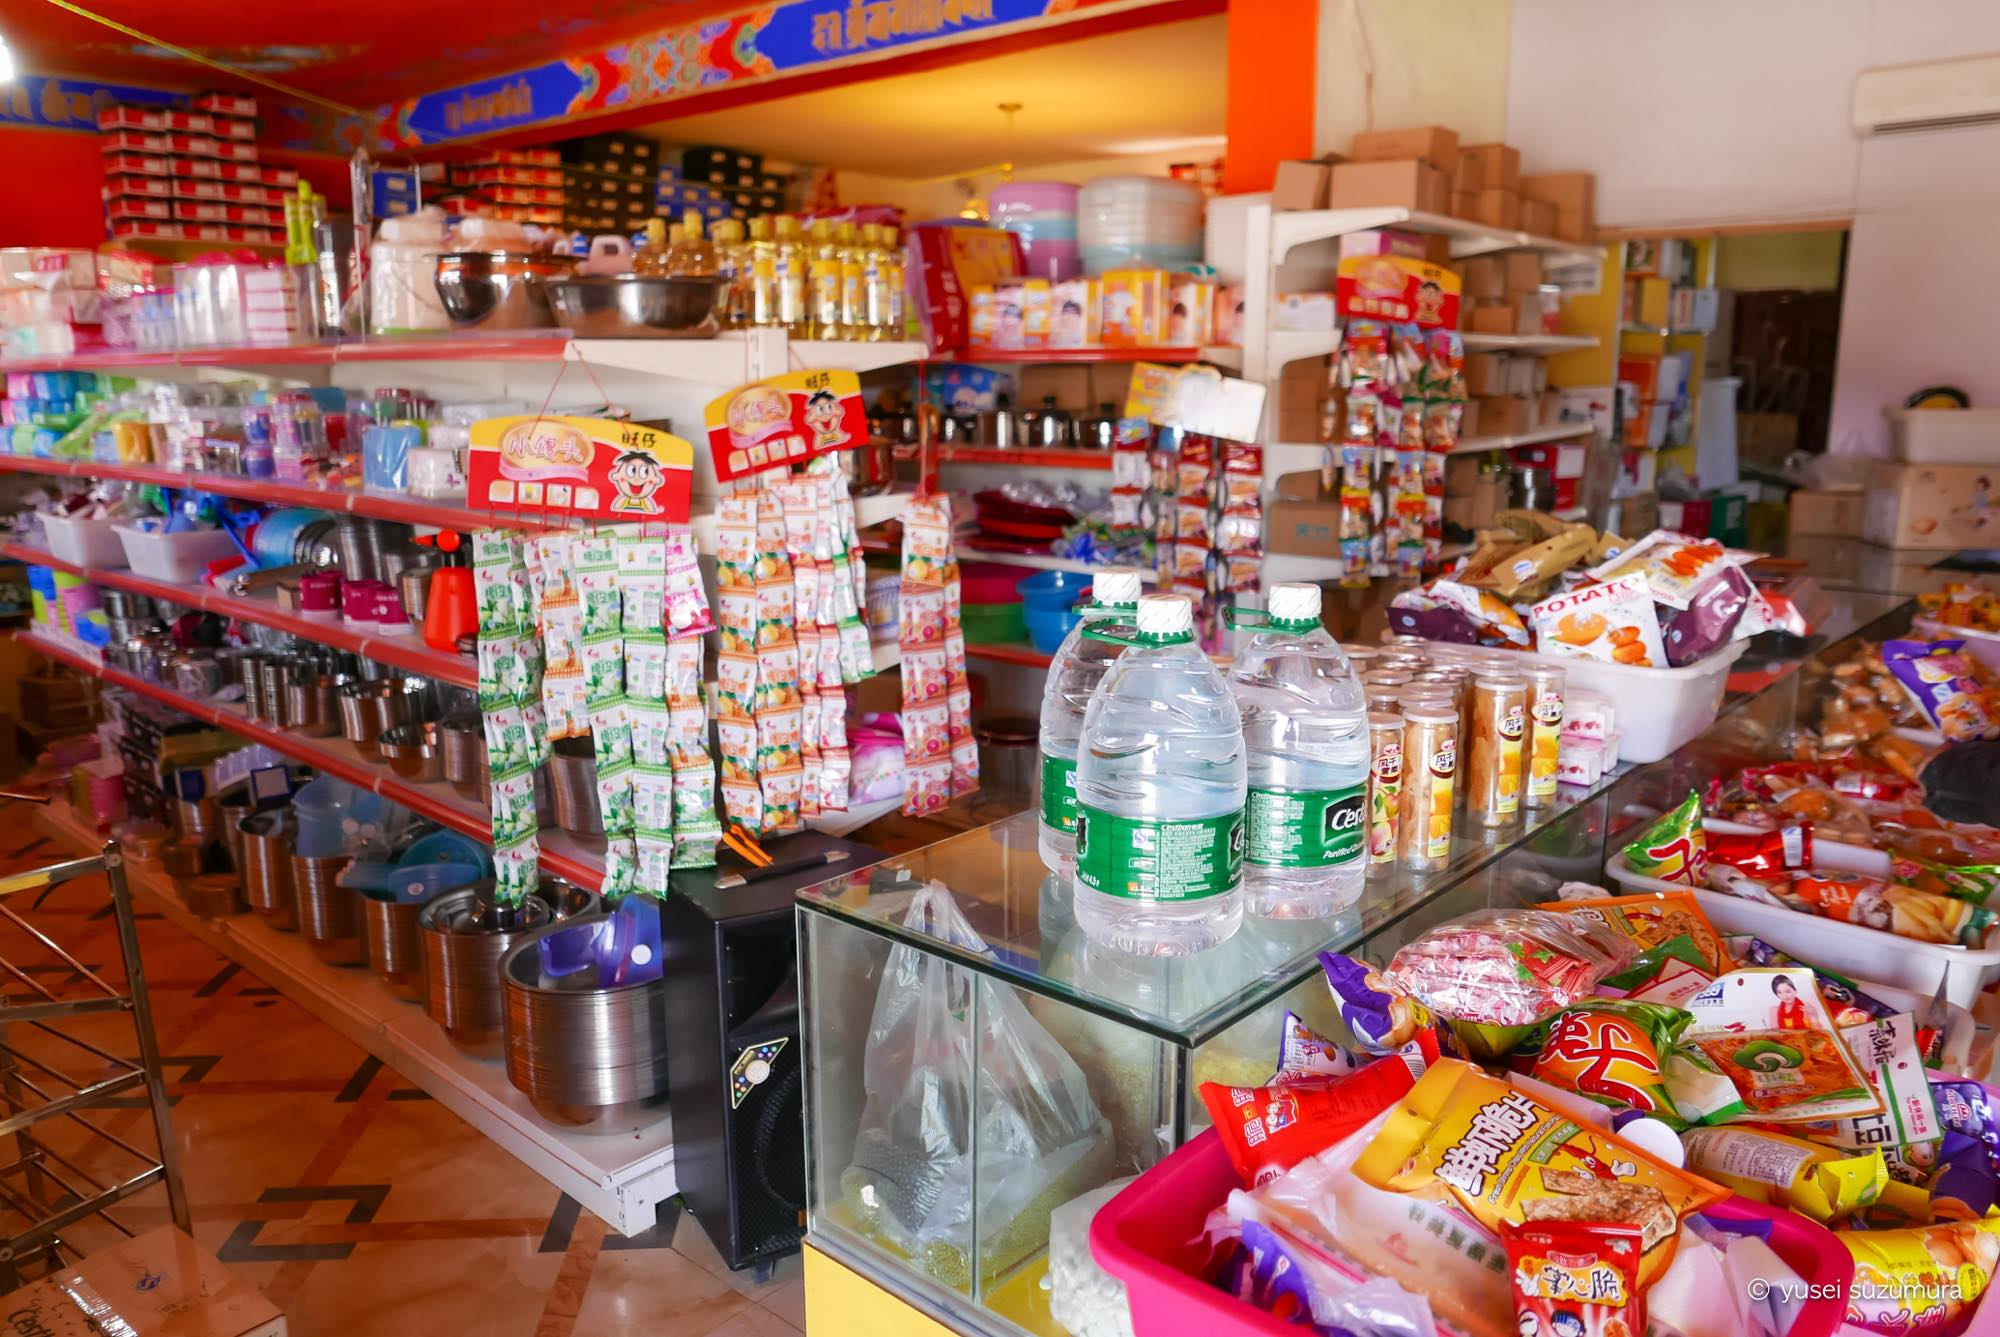 アチェンガルゴンパ 商店